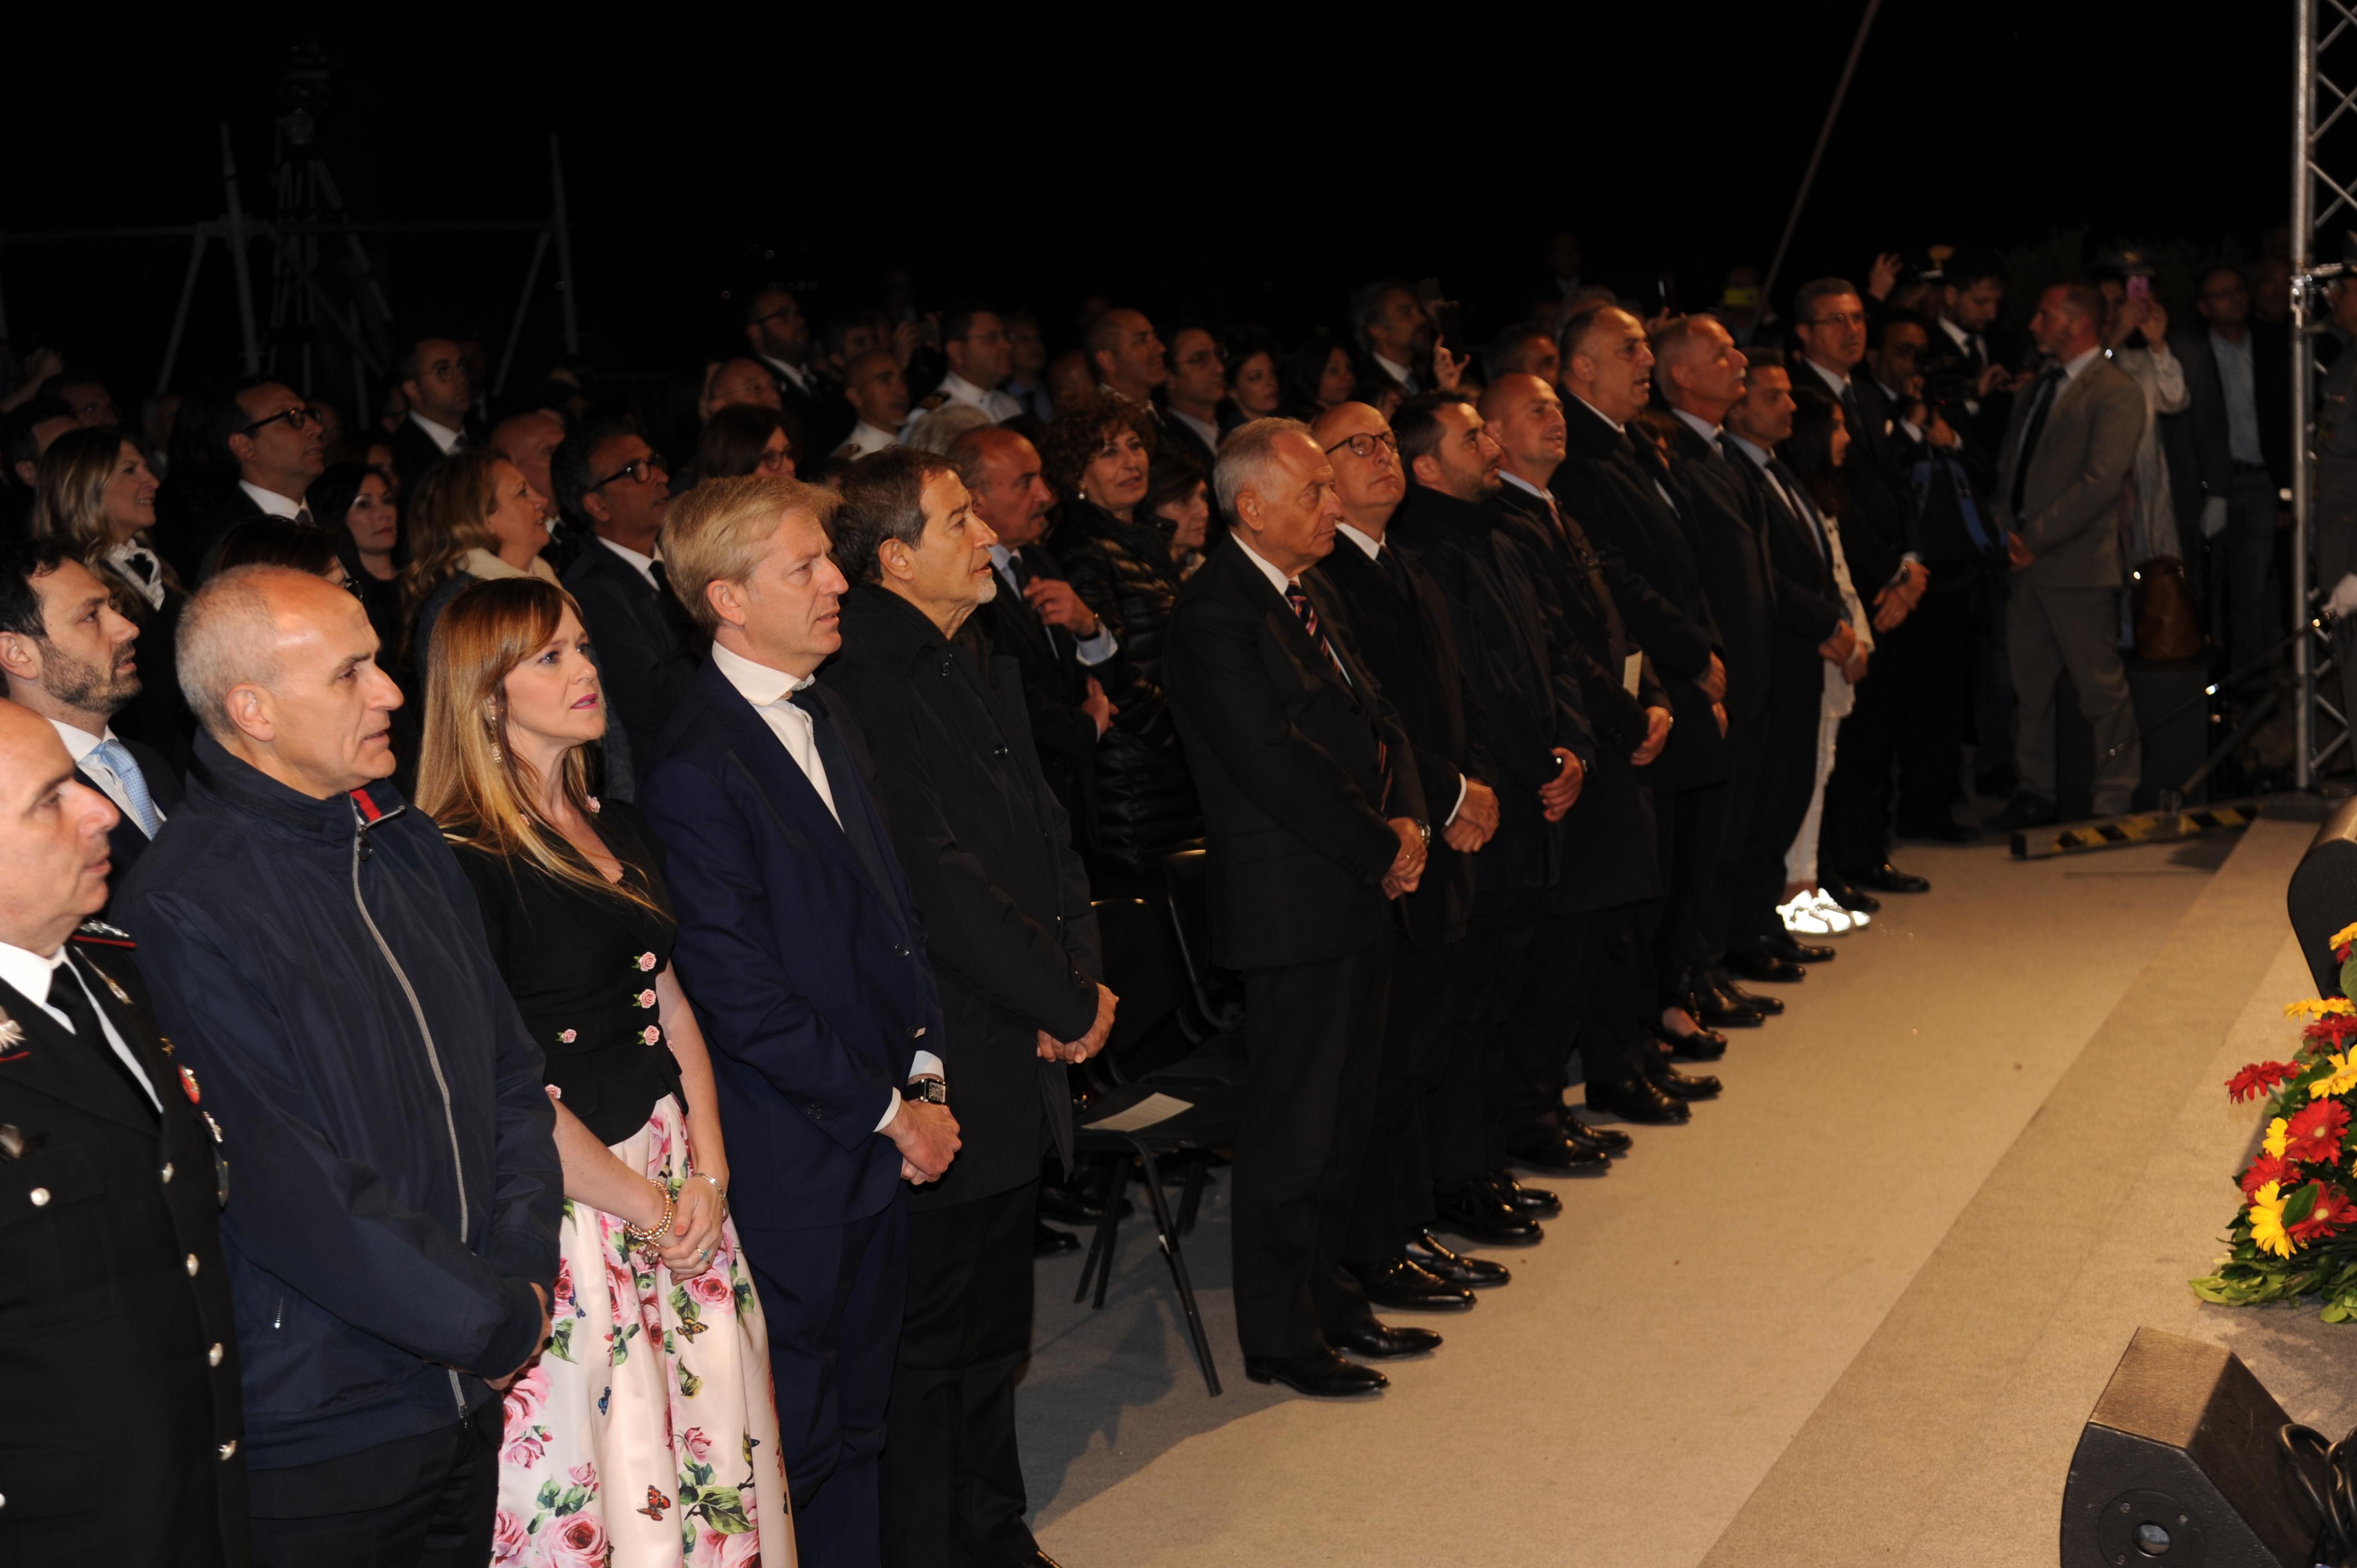 72esimo Anniversario dell'Autonomia Siciliana - immagine 1